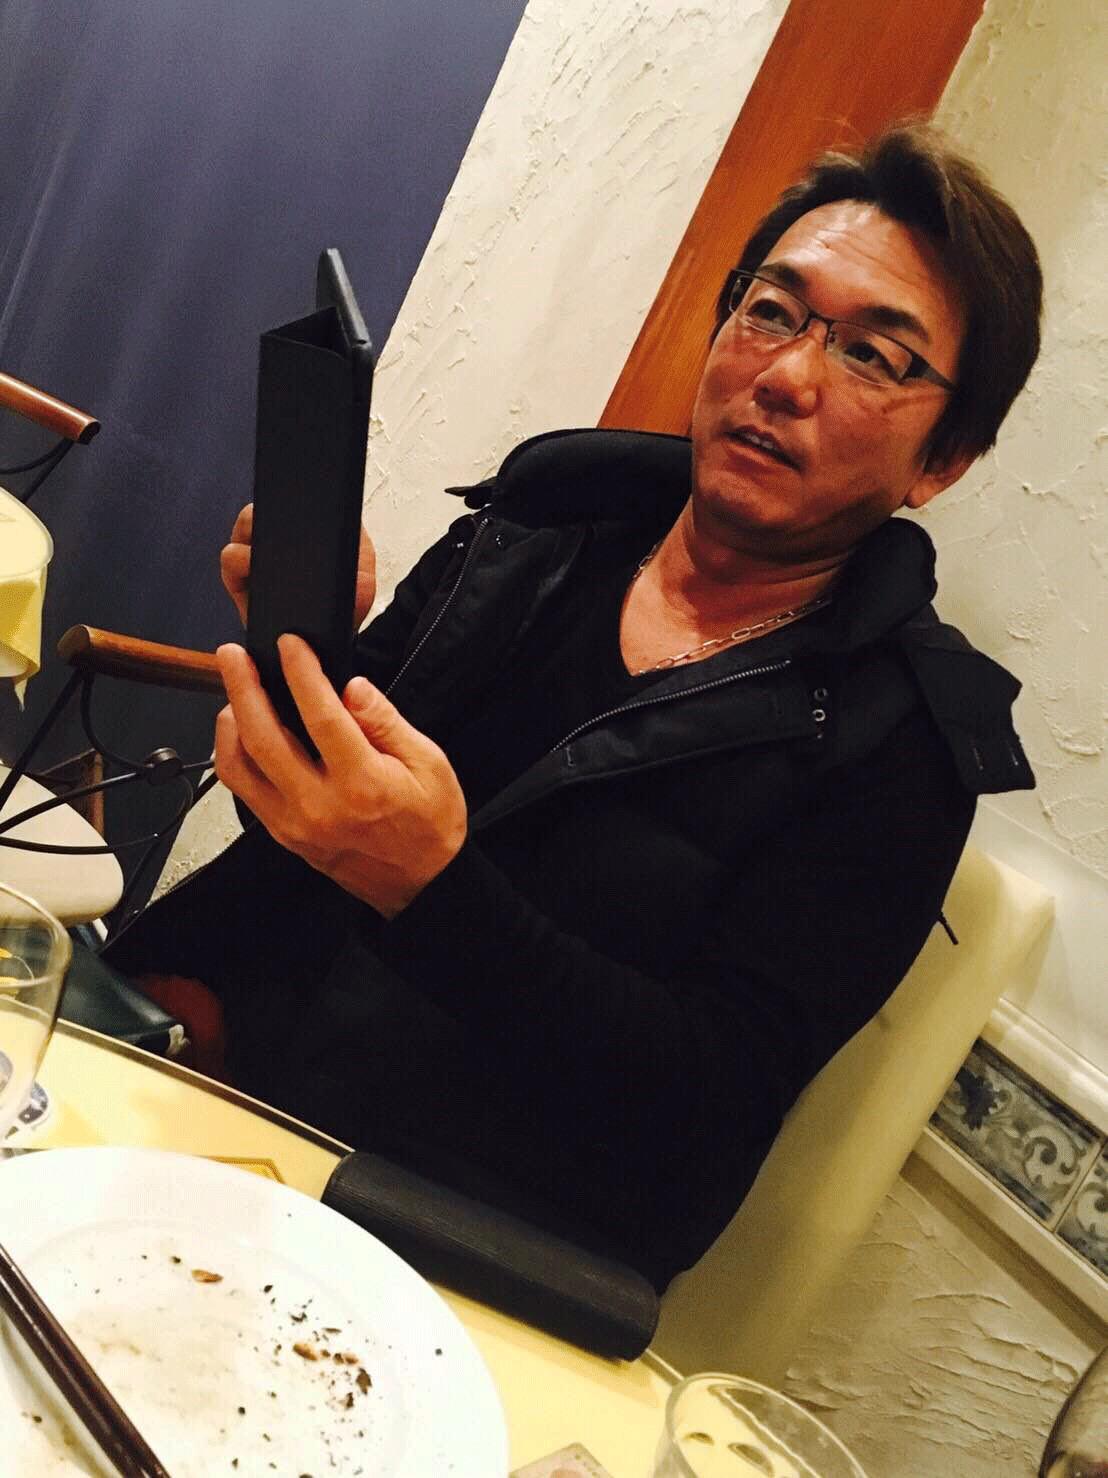 株式会社 秀興ハーモナイズの代表者写真